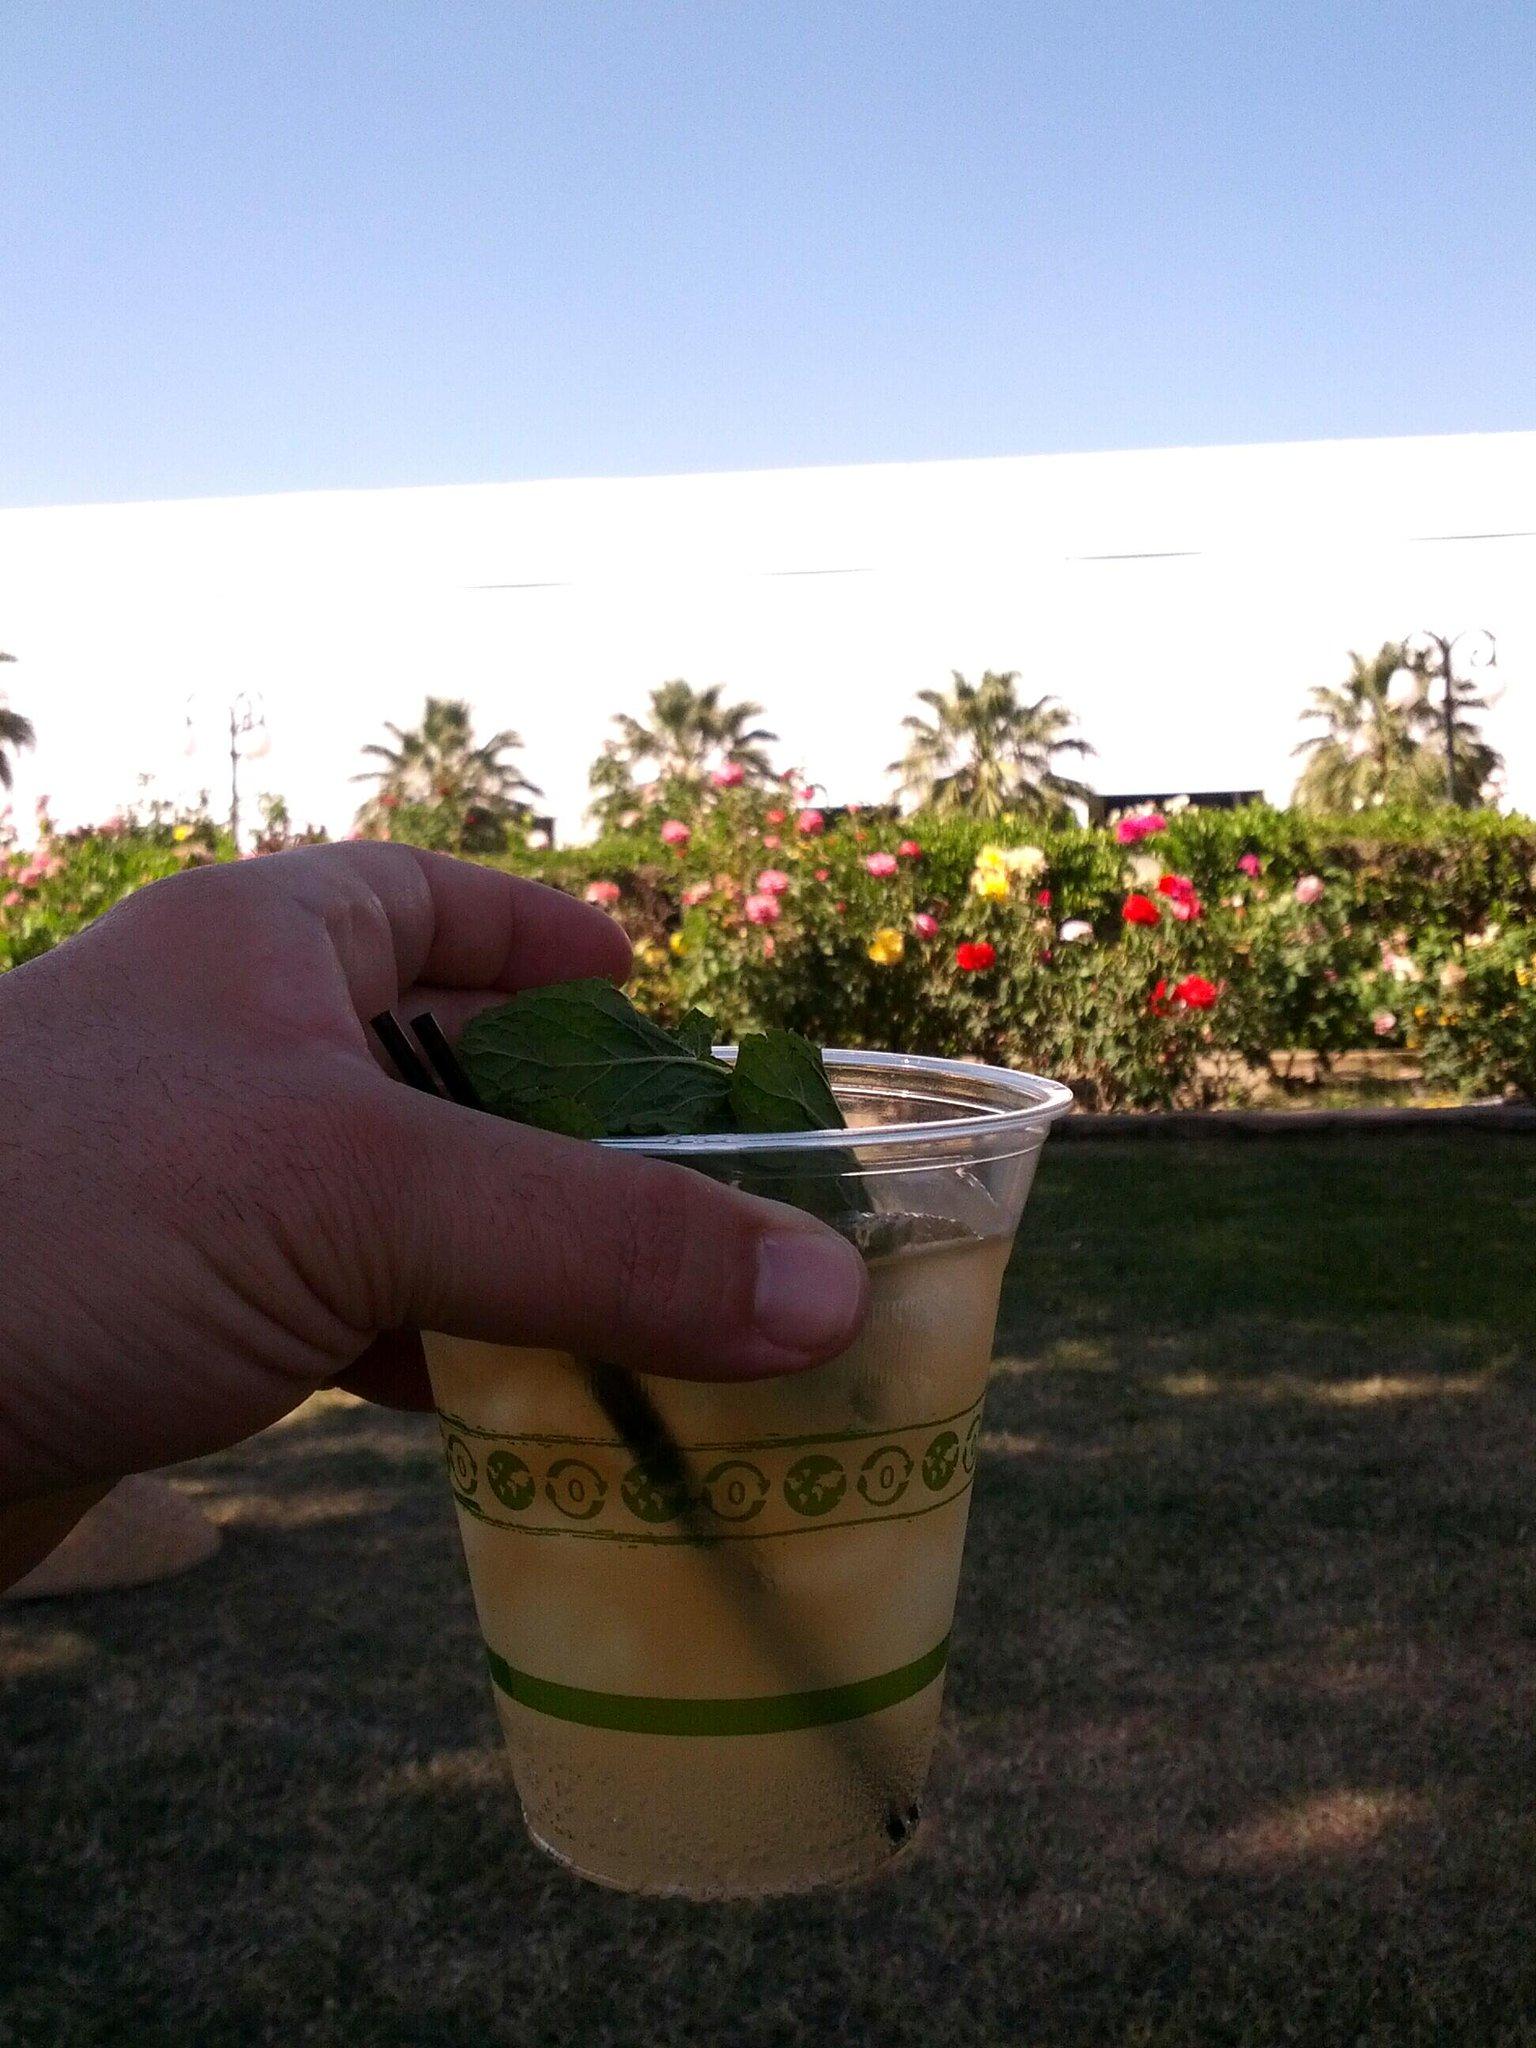 Drinking a Mule in The Rose Garden #SaveFarisFest http://t.co/Yu0ZUgpvx0